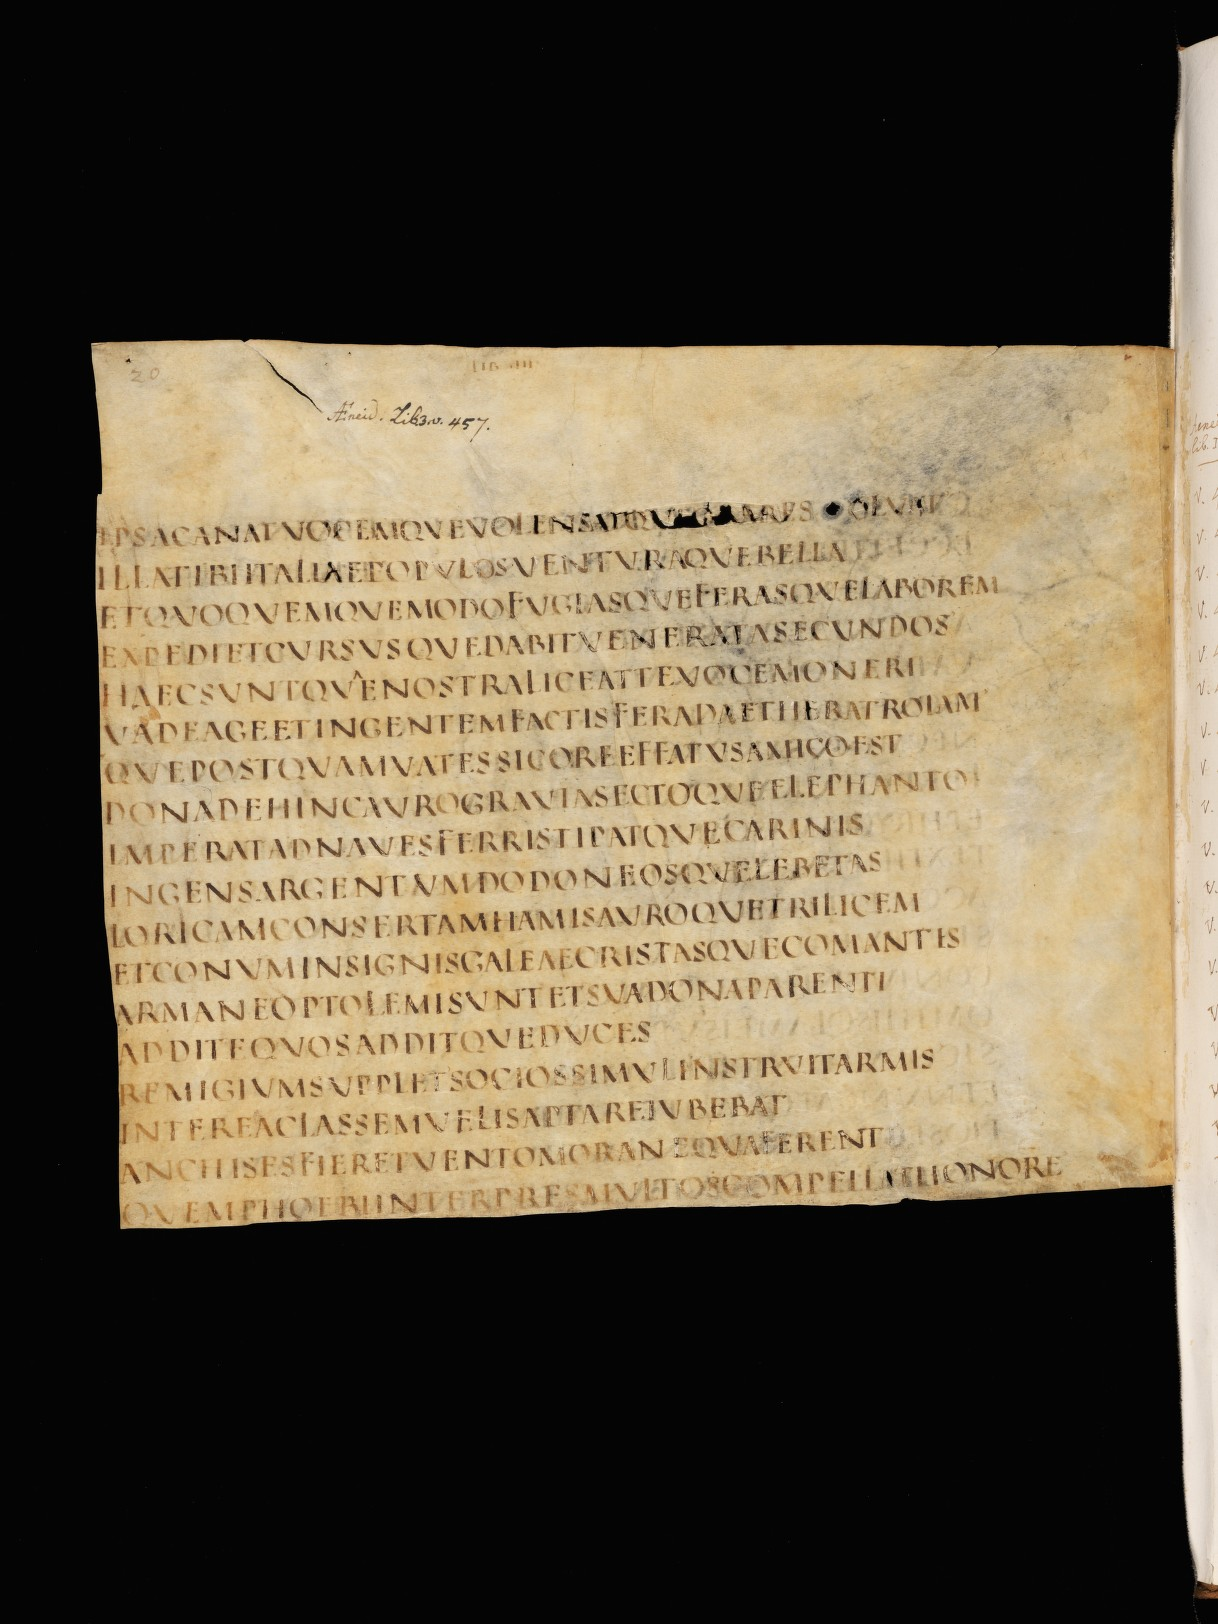 Cod. Sang. 1394, p. 20